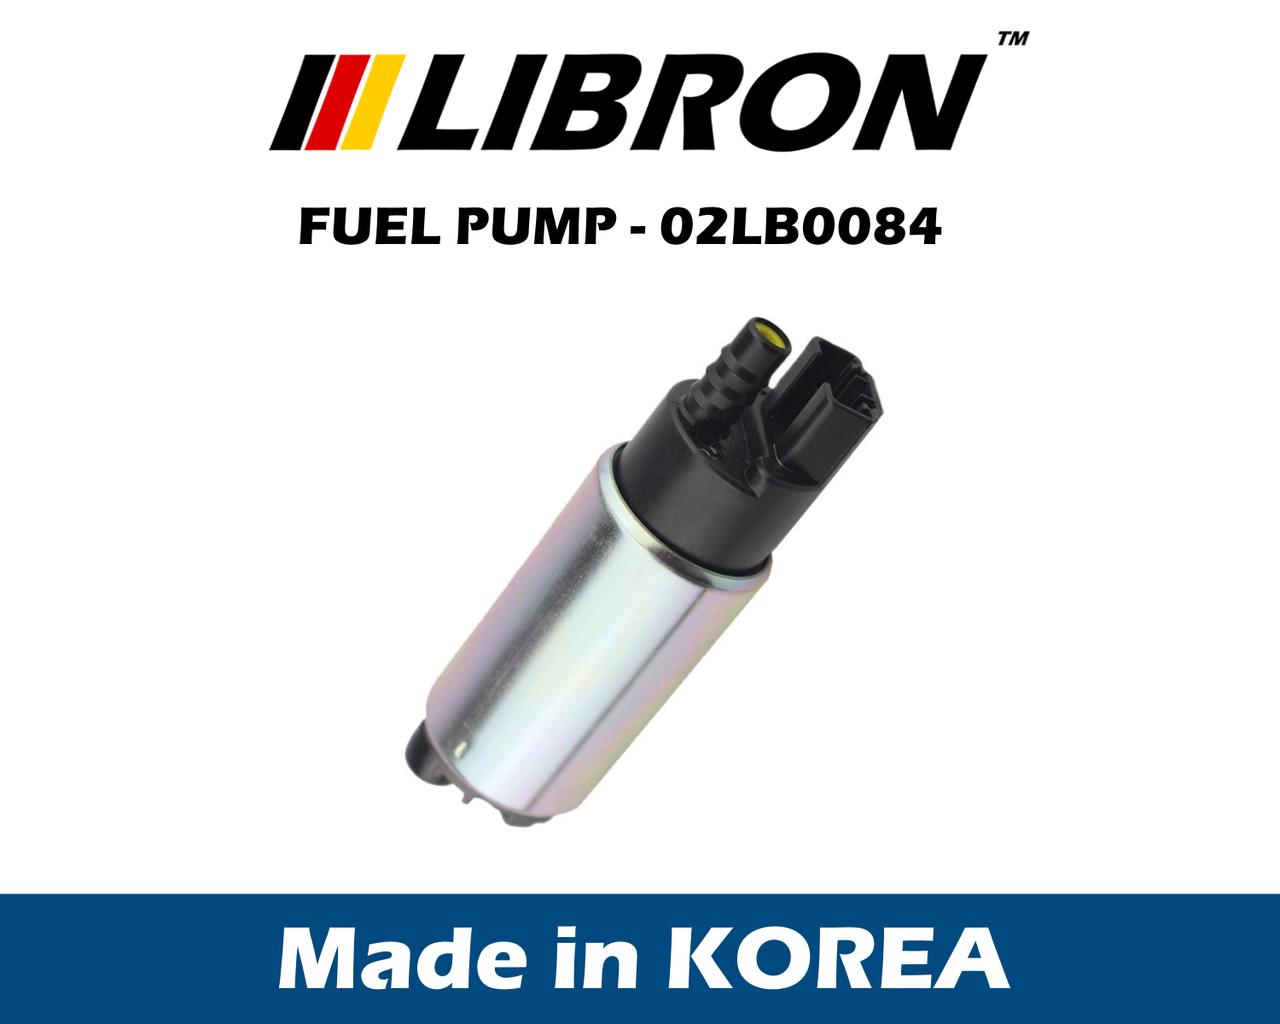 Топливный насос LIBRON 02LB0084 - Хюндай S coupe